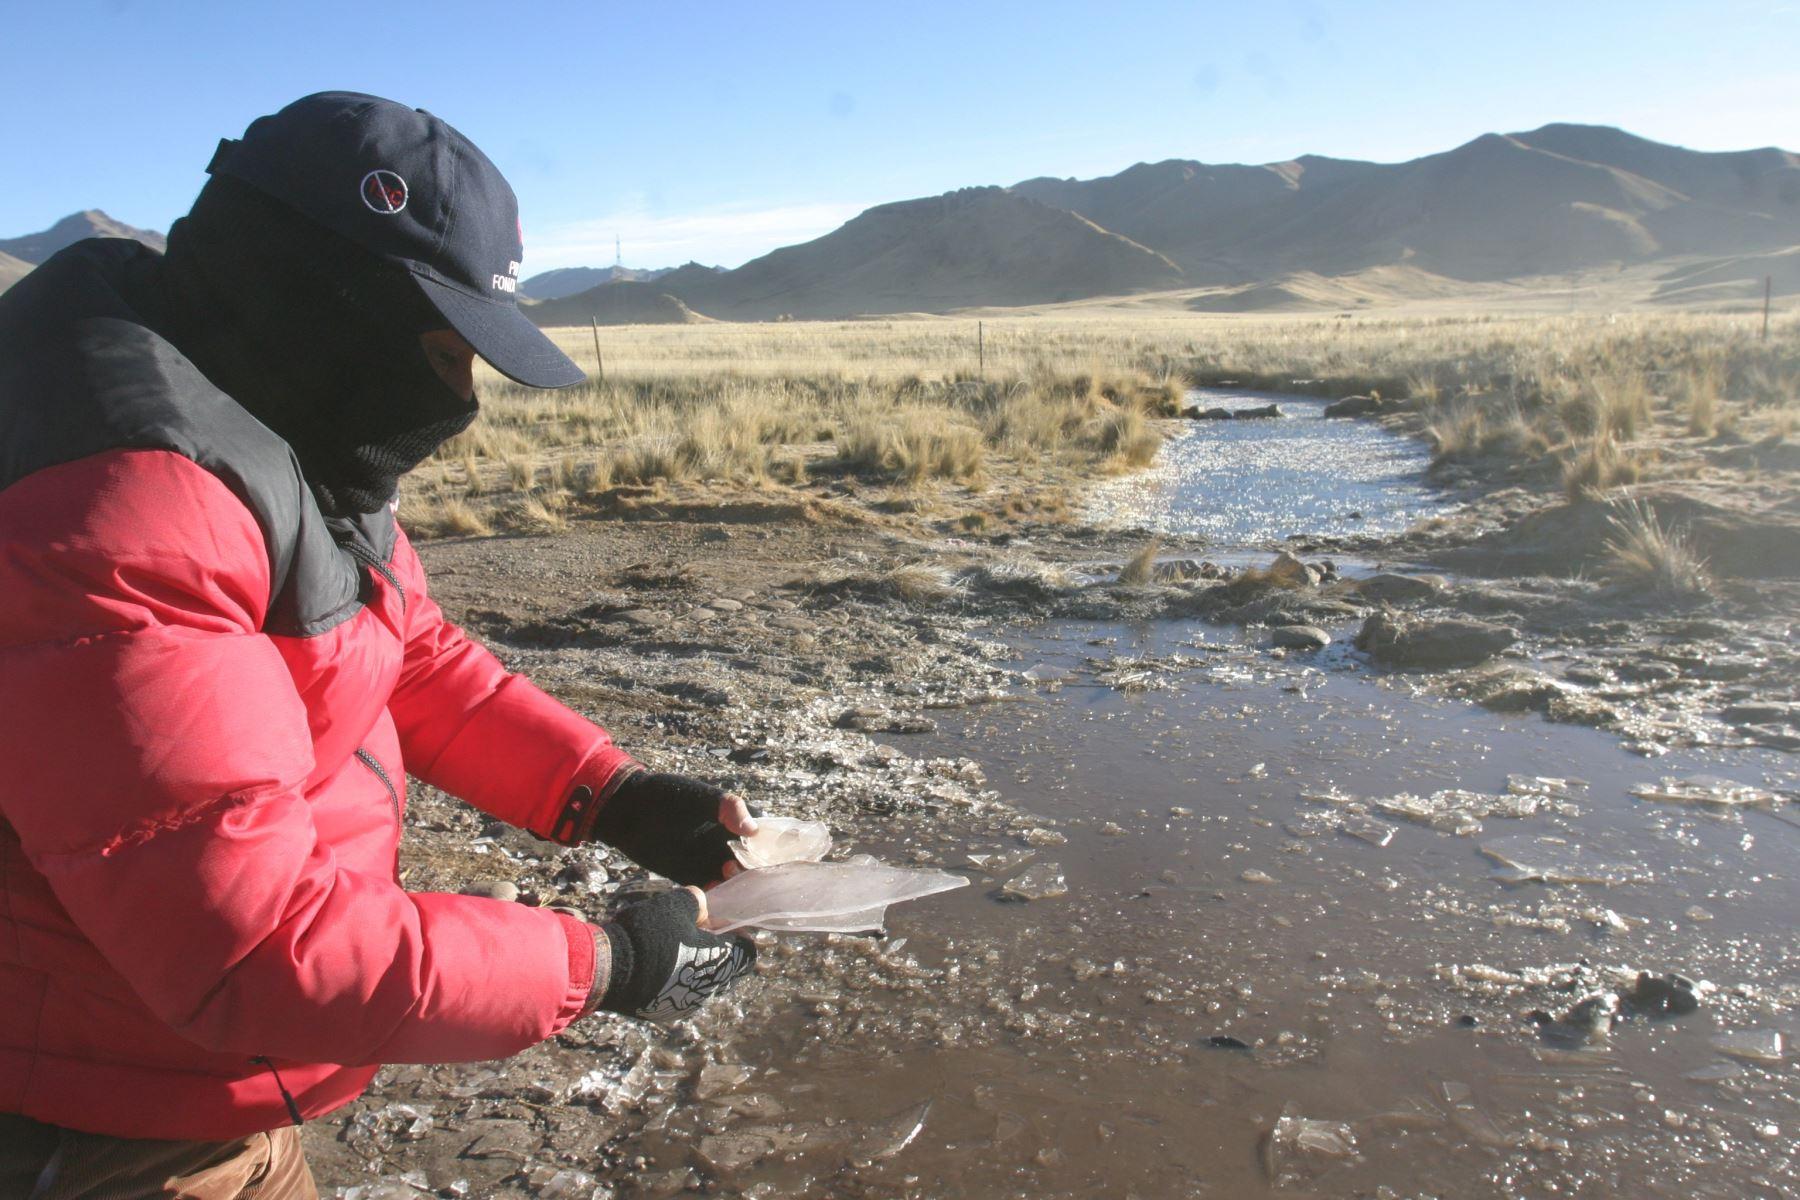 Los distritos de Tarata (Tacna) y Santa Lucía (Puno) registraron las temperaturas másbajas del sur del país y a nivel nacional, al alcanzar valores mínimos de -11.9 y -9.3 gradosCelsius, respectivamente.